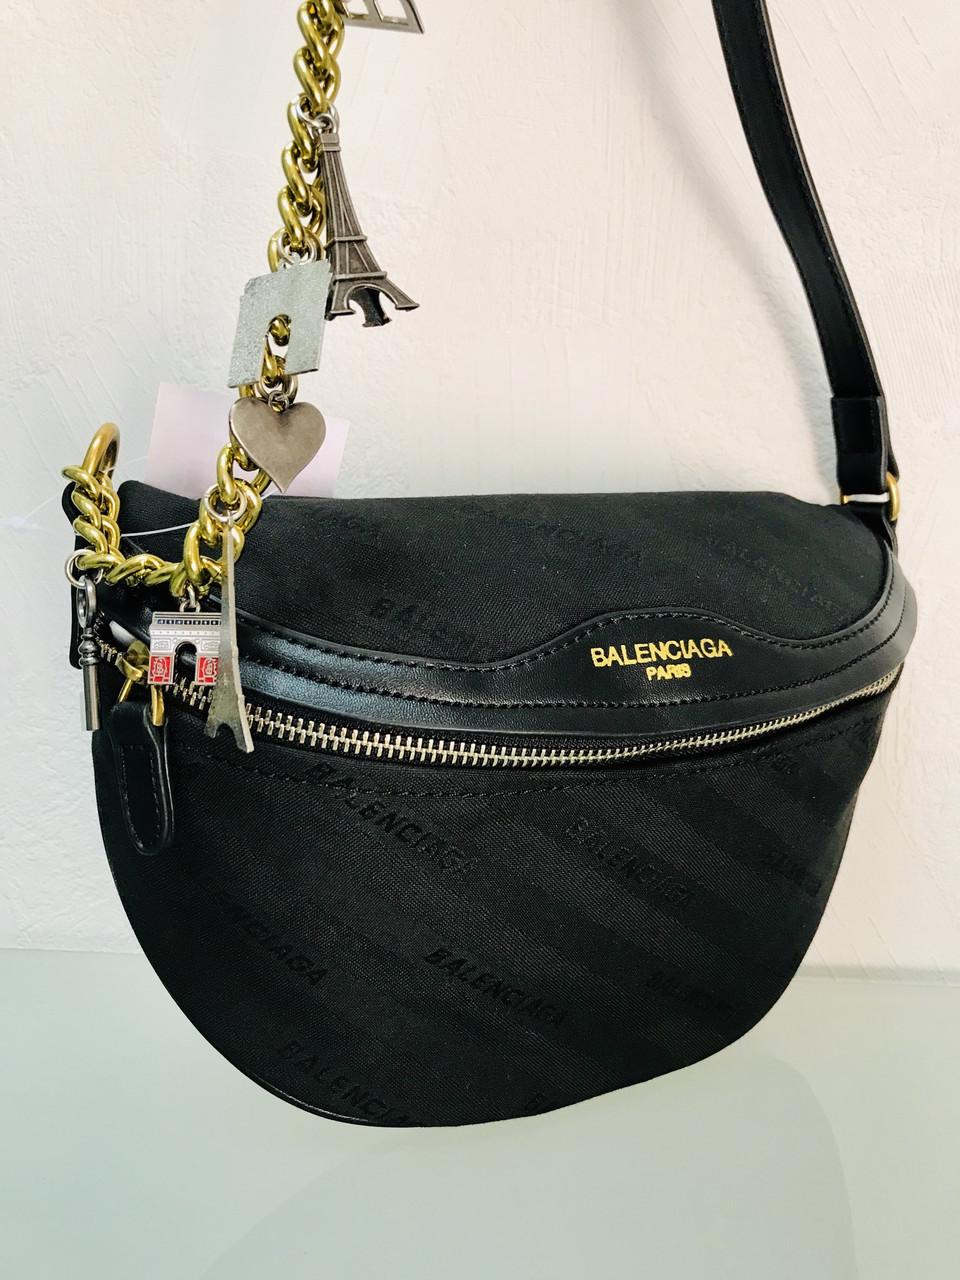 0a37ca3c65a2 Сумка Balenciaga mini bag с длинной ручкой копия - Интернет-магазин